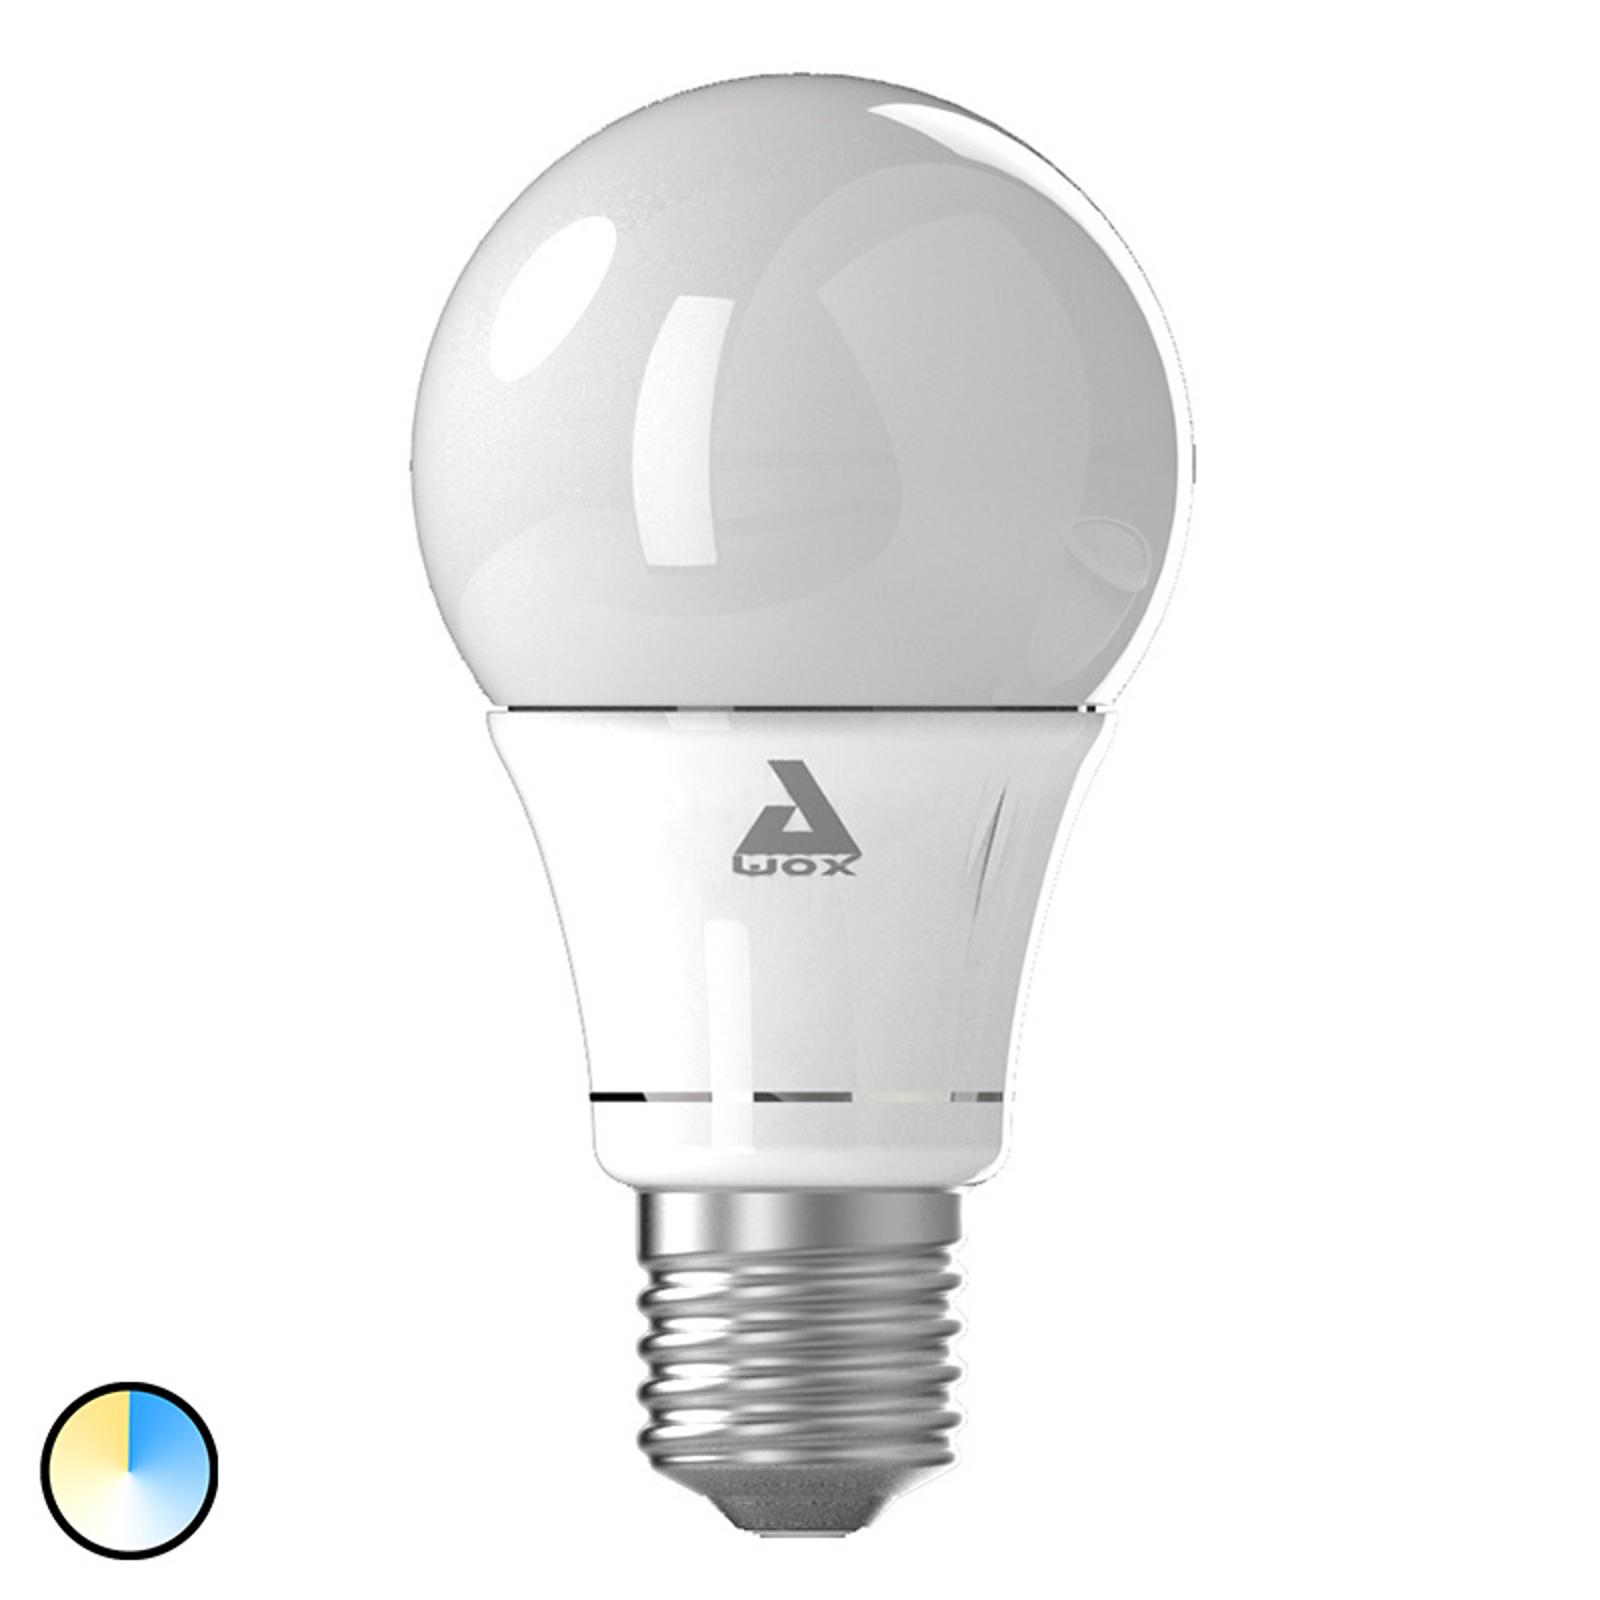 AwoX SmartLED-Lampe E27, 2700-6000 K 7W